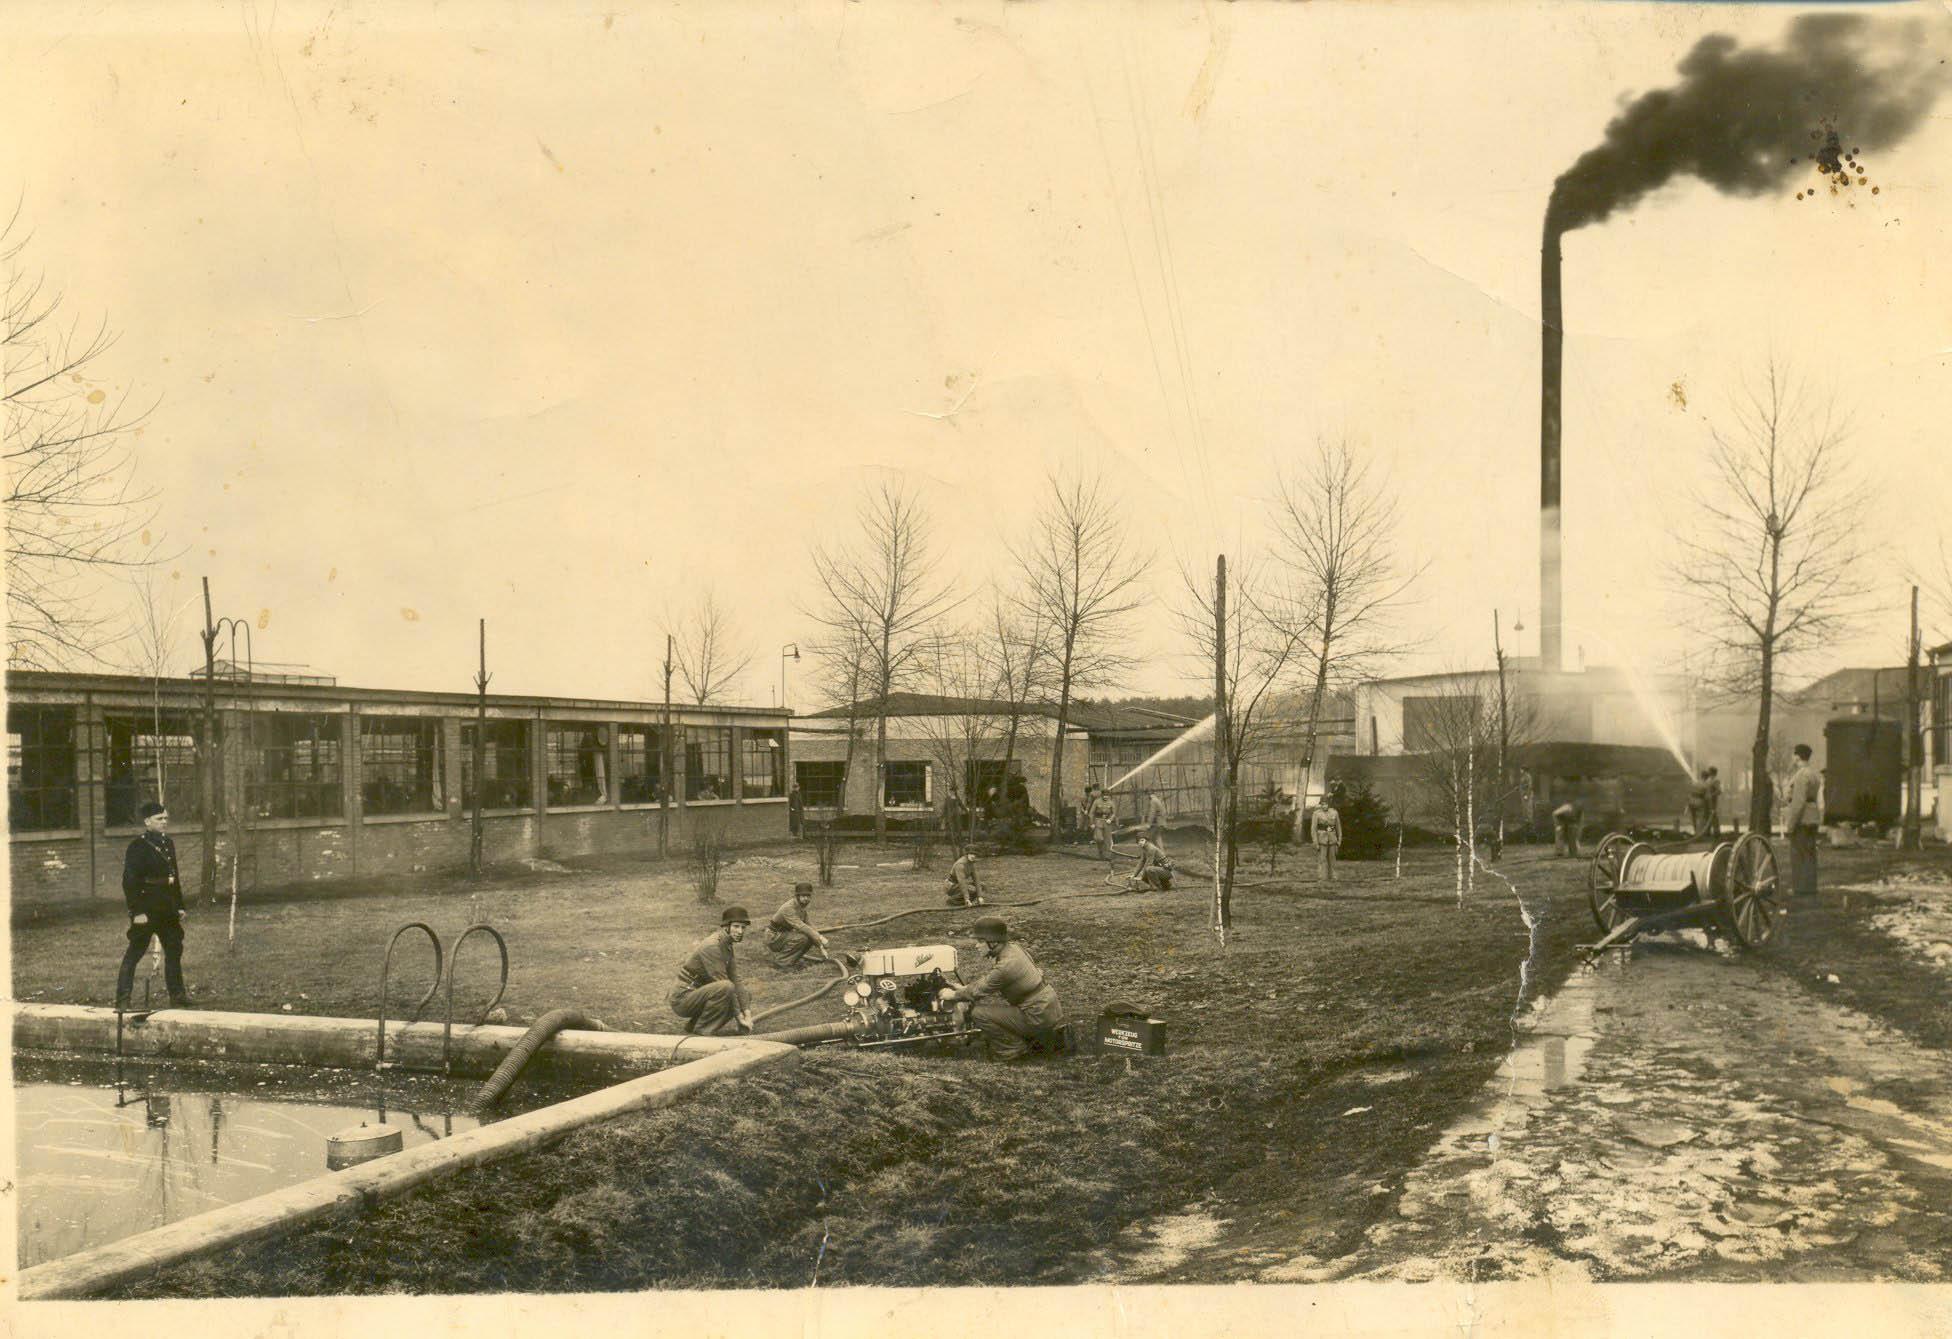 Bata factory. War time chimney fire. Tomasz Batta Memorial House